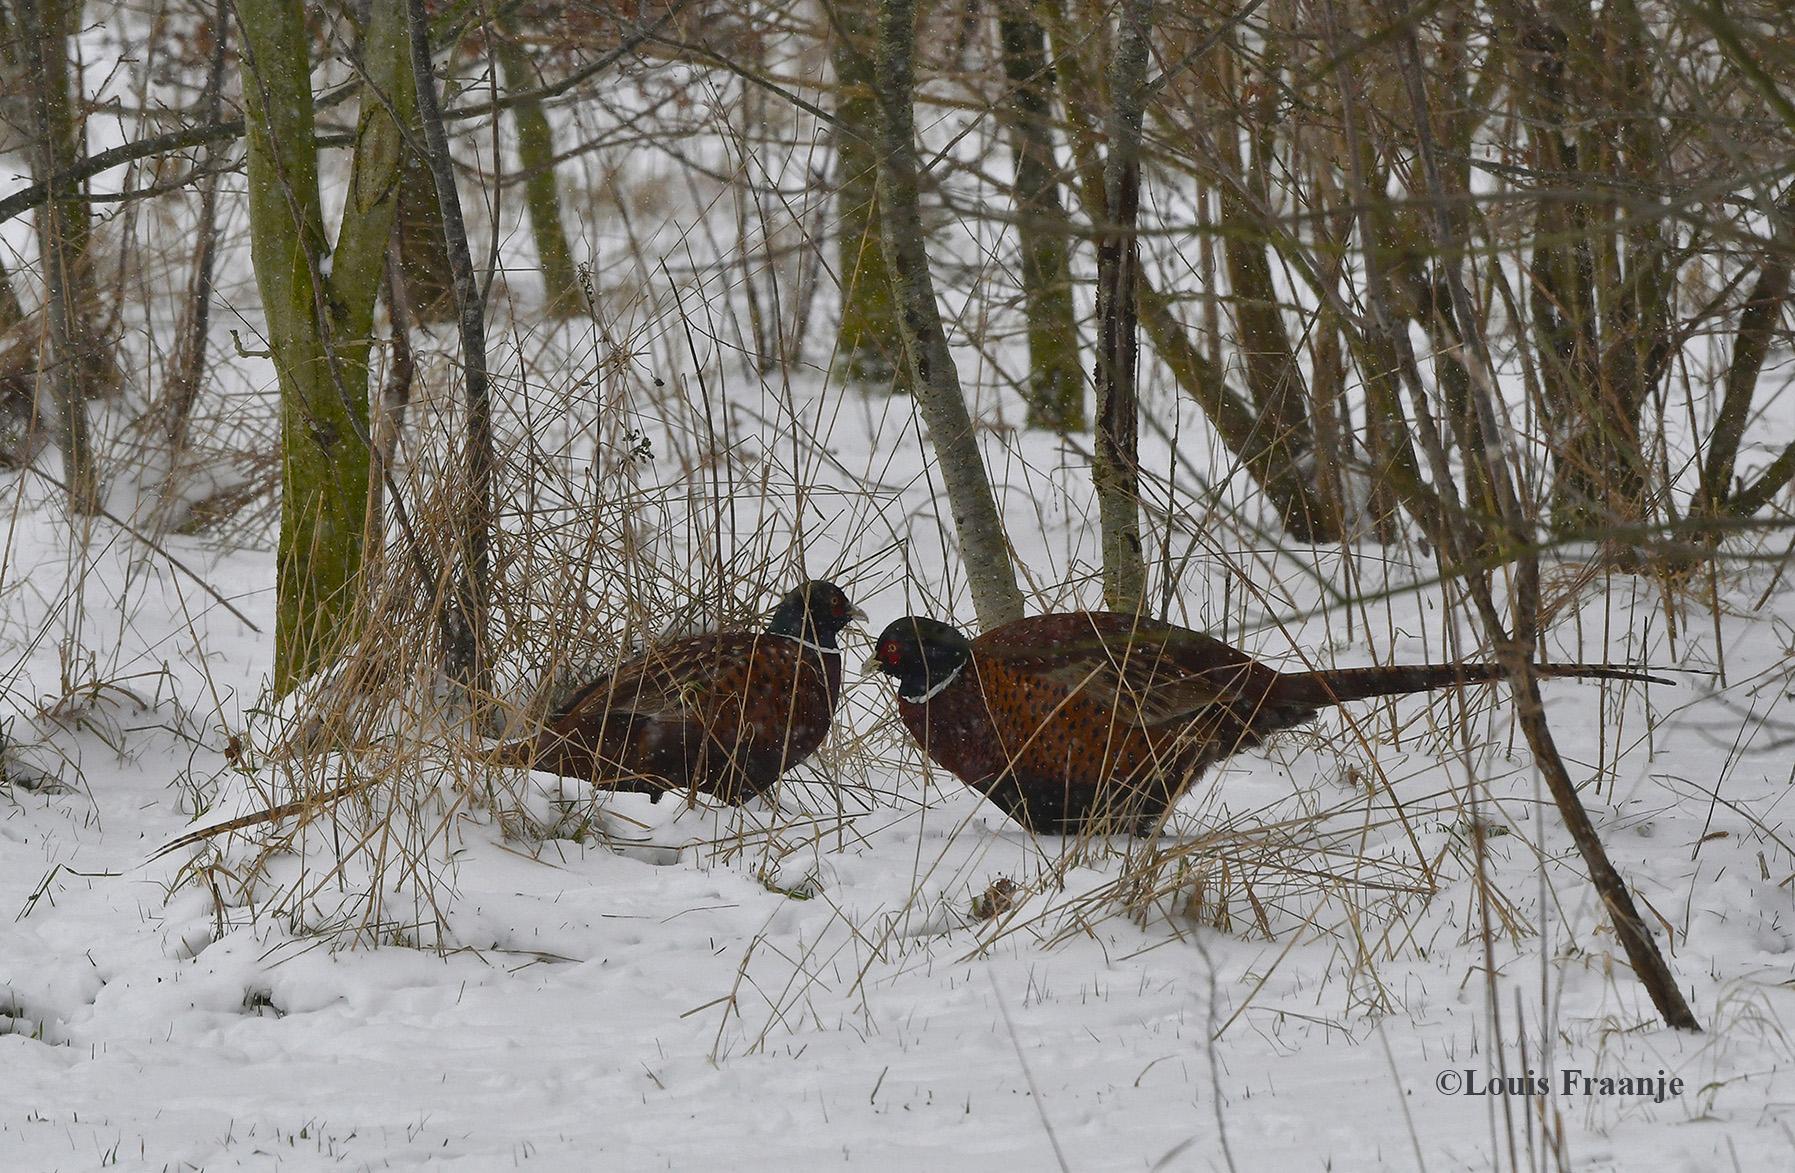 De hanen bleven een beetje in de dekking van een houtwal - Foto: ©Louis Fraanje